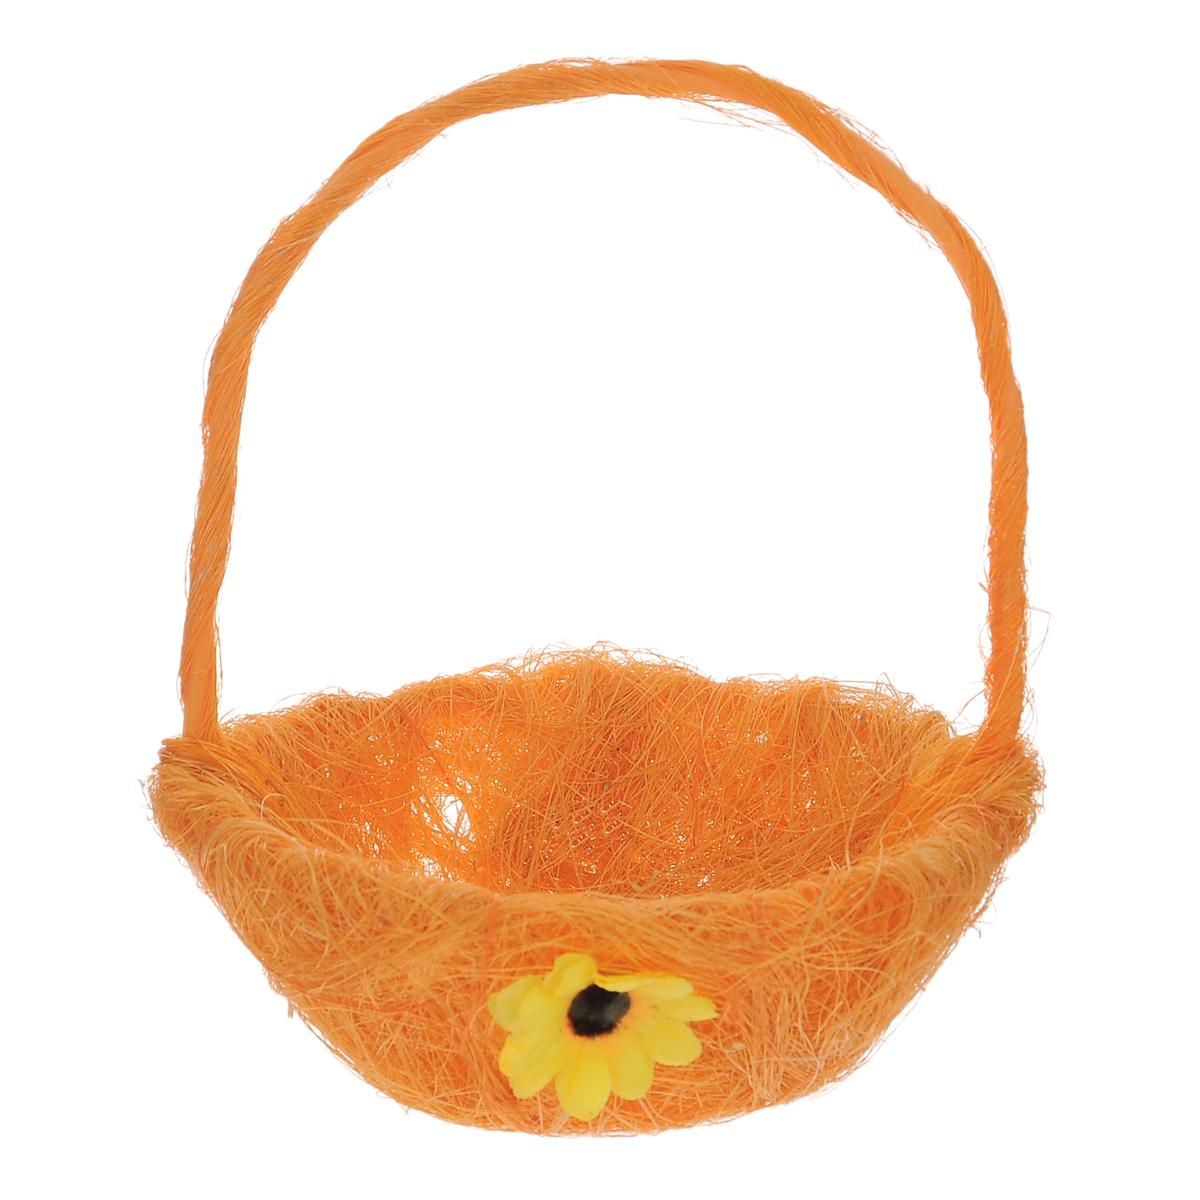 Корзинка декоративная Home Queen Легкость, цвет: оранжевый, 14,5 см х 19 см66818_3Декоративная корзинка Home Queen Легкость предназначена для украшения интерьера и сервировки стола. Изделие выполнено из сизаля, имеет жесткий пластиковый каркас. Внешние стенки украшены аппликацией в виде подсолнуха. Корзинка оснащена ручкой. Такая оригинальная корзинка станет ярким украшением стола. Идеальный вариант для хранения пасхальных яиц. Диаметр корзинки: 14,5 см. Высота корзинки: 6 см. Высота корзинки (с ручкой): 19 см.